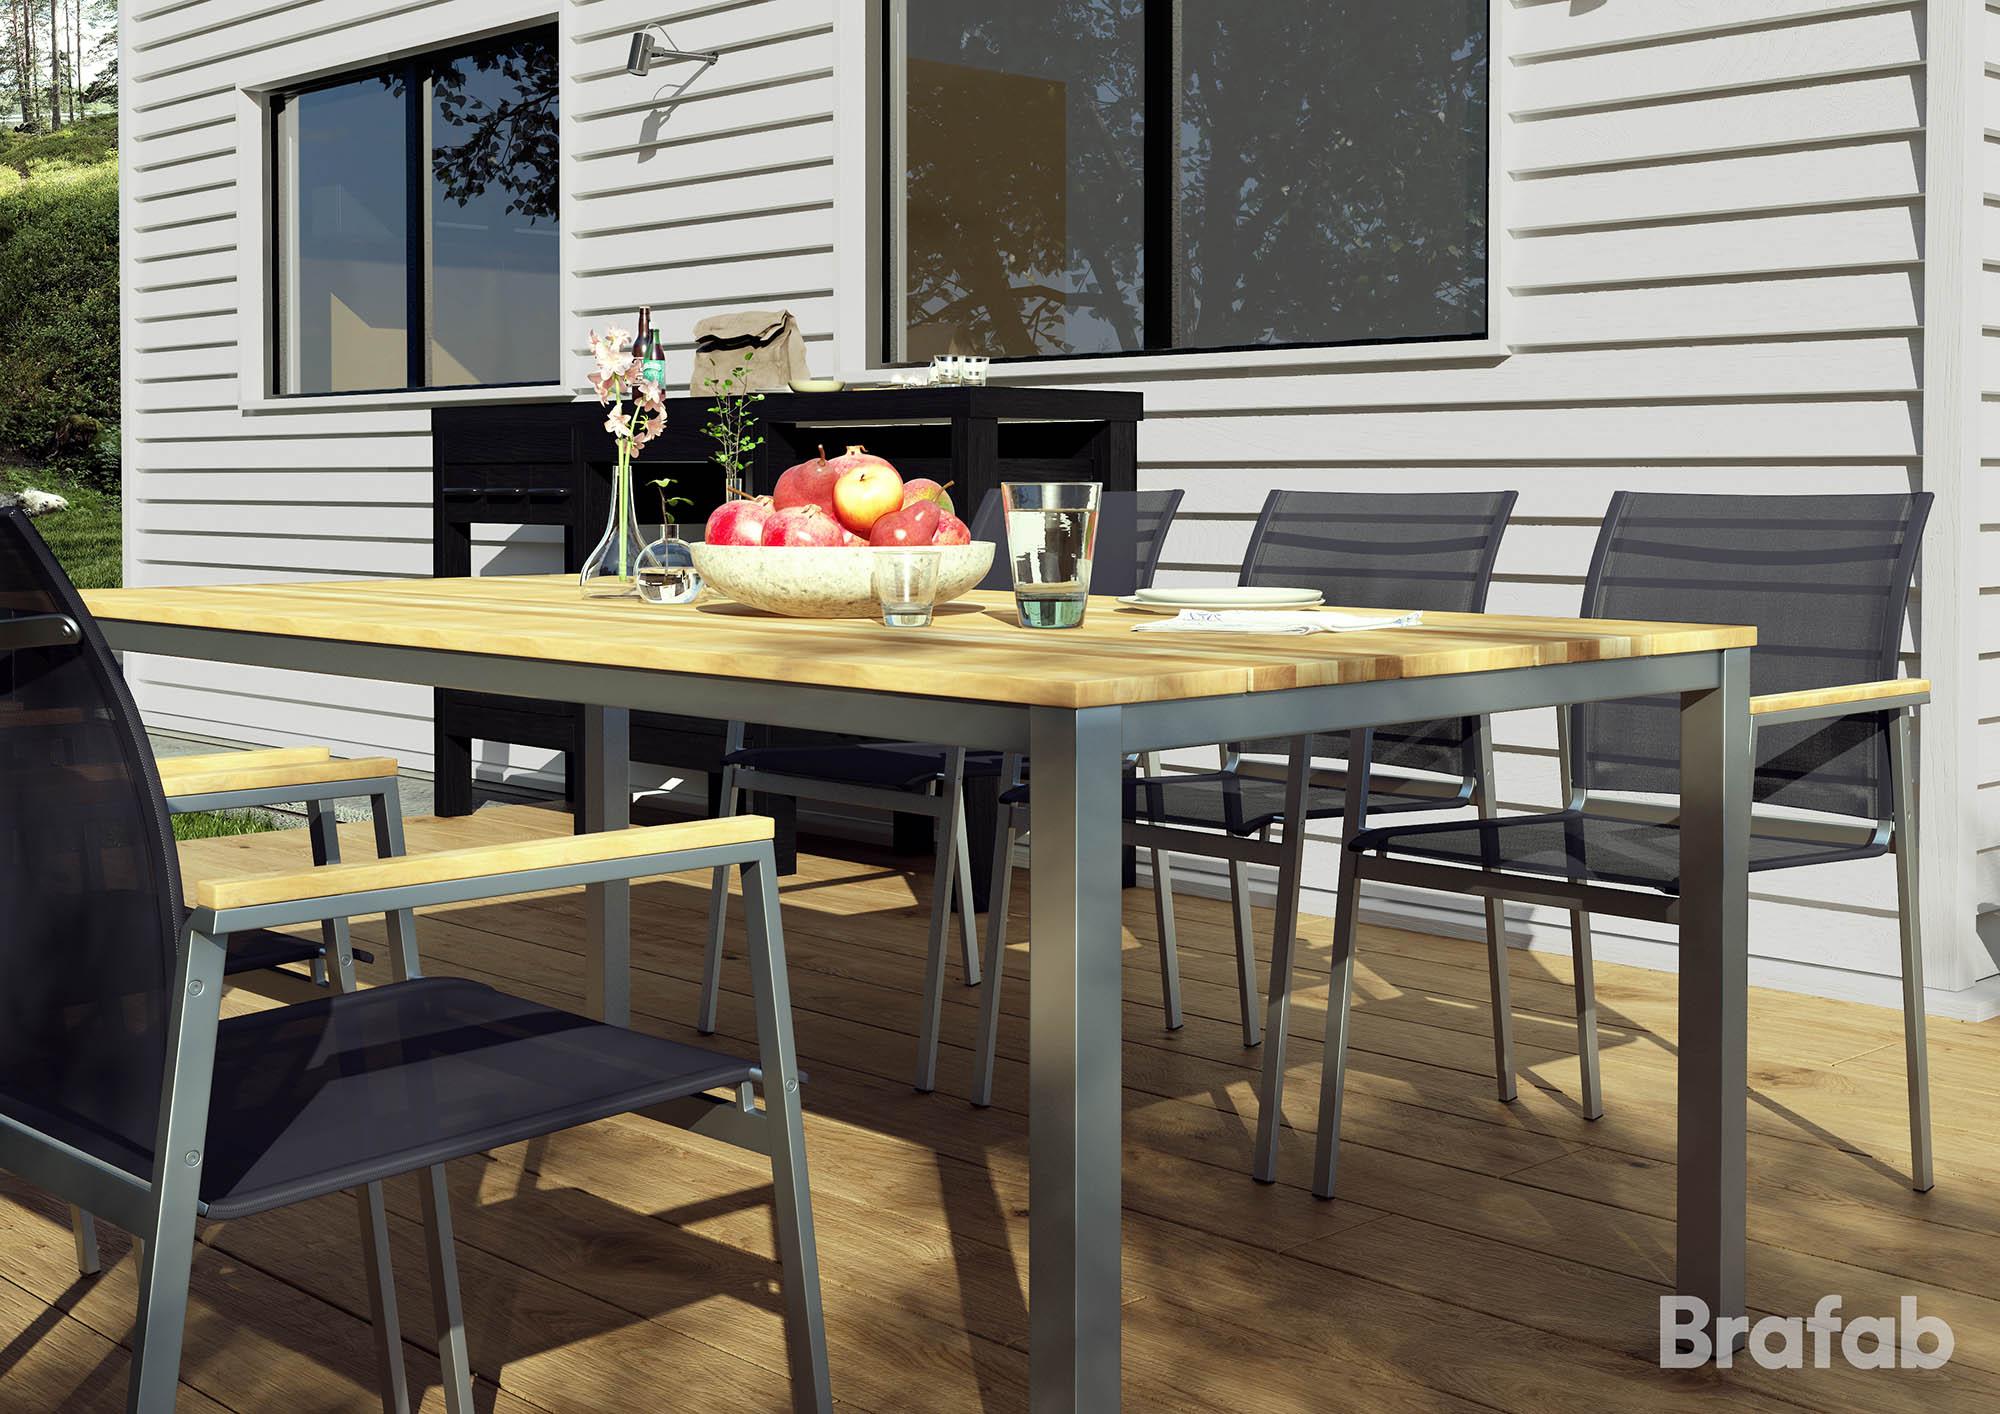 Miljöbild på HInton matbord och karmstolar från Brafab.